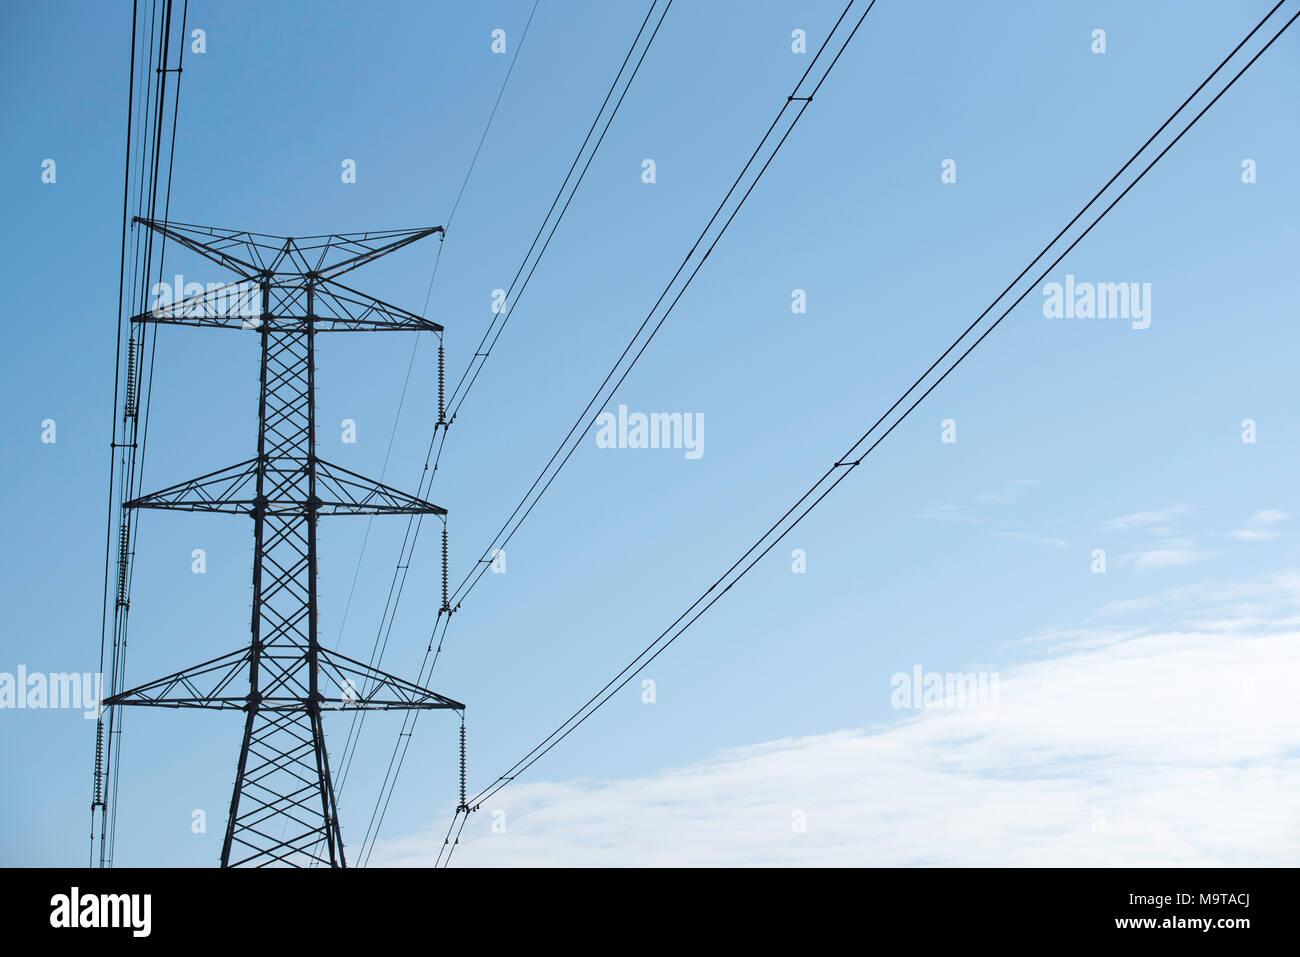 Alta tensión y postes de electricidad de alta tensión y líneas de NSW, Australia Imagen De Stock